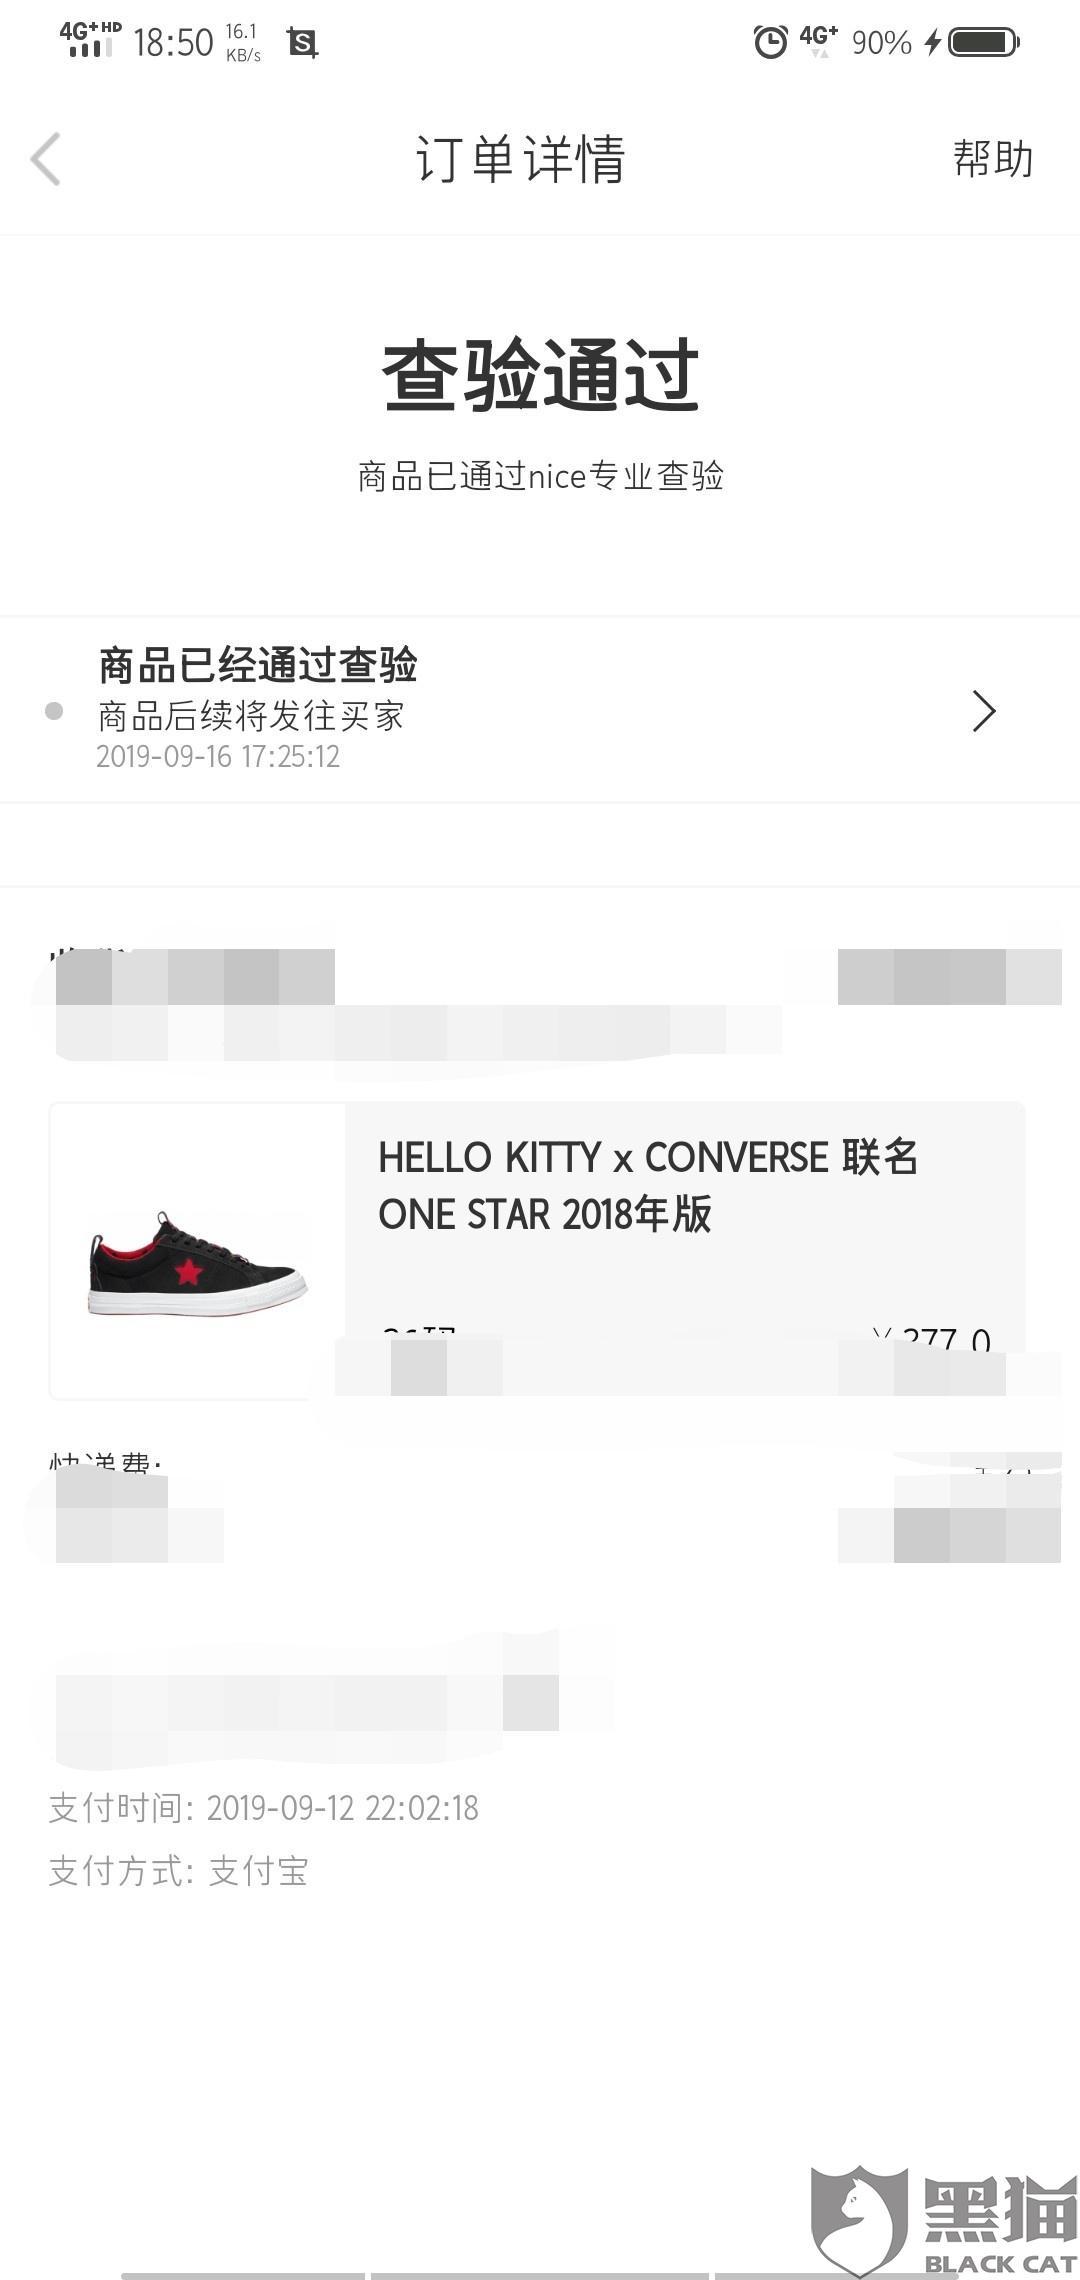 黑猫投诉:在nice买鞋鉴定完毕四天了没发货  客服态度敷衍  总是说在催了